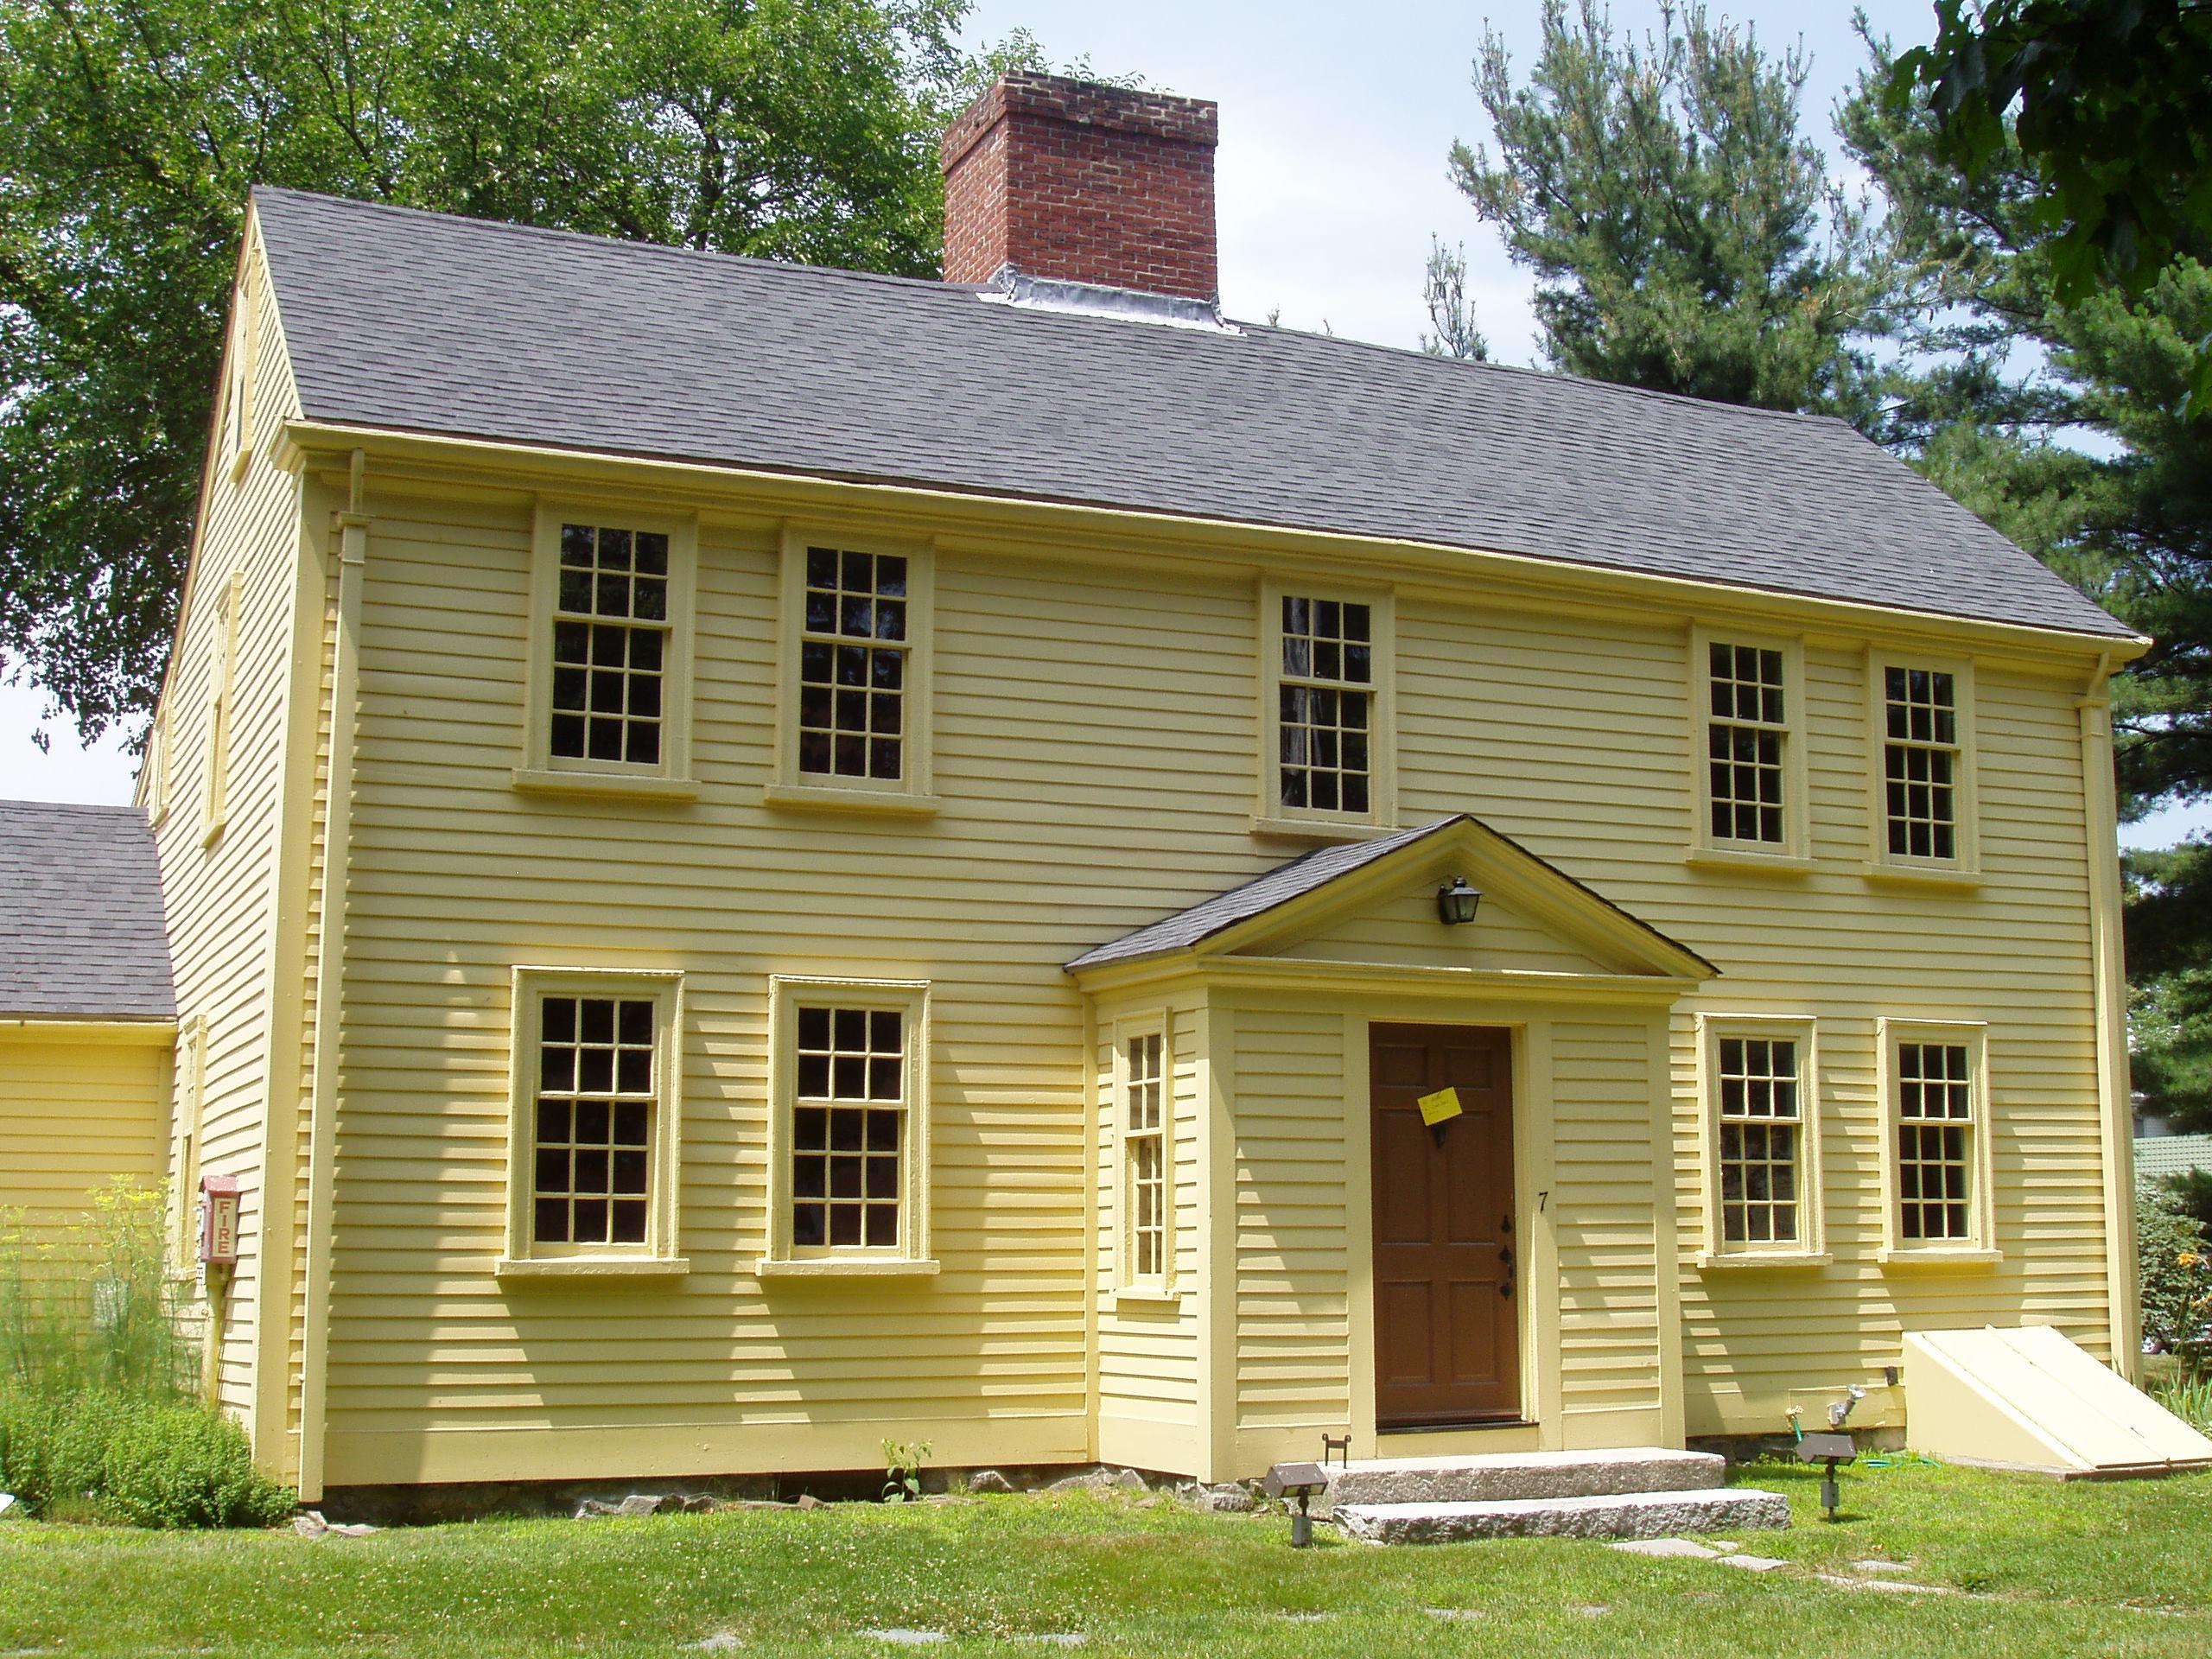 The Jason Russell House in Arlington, Massachusetts. Photo taken on July 17, 2005.